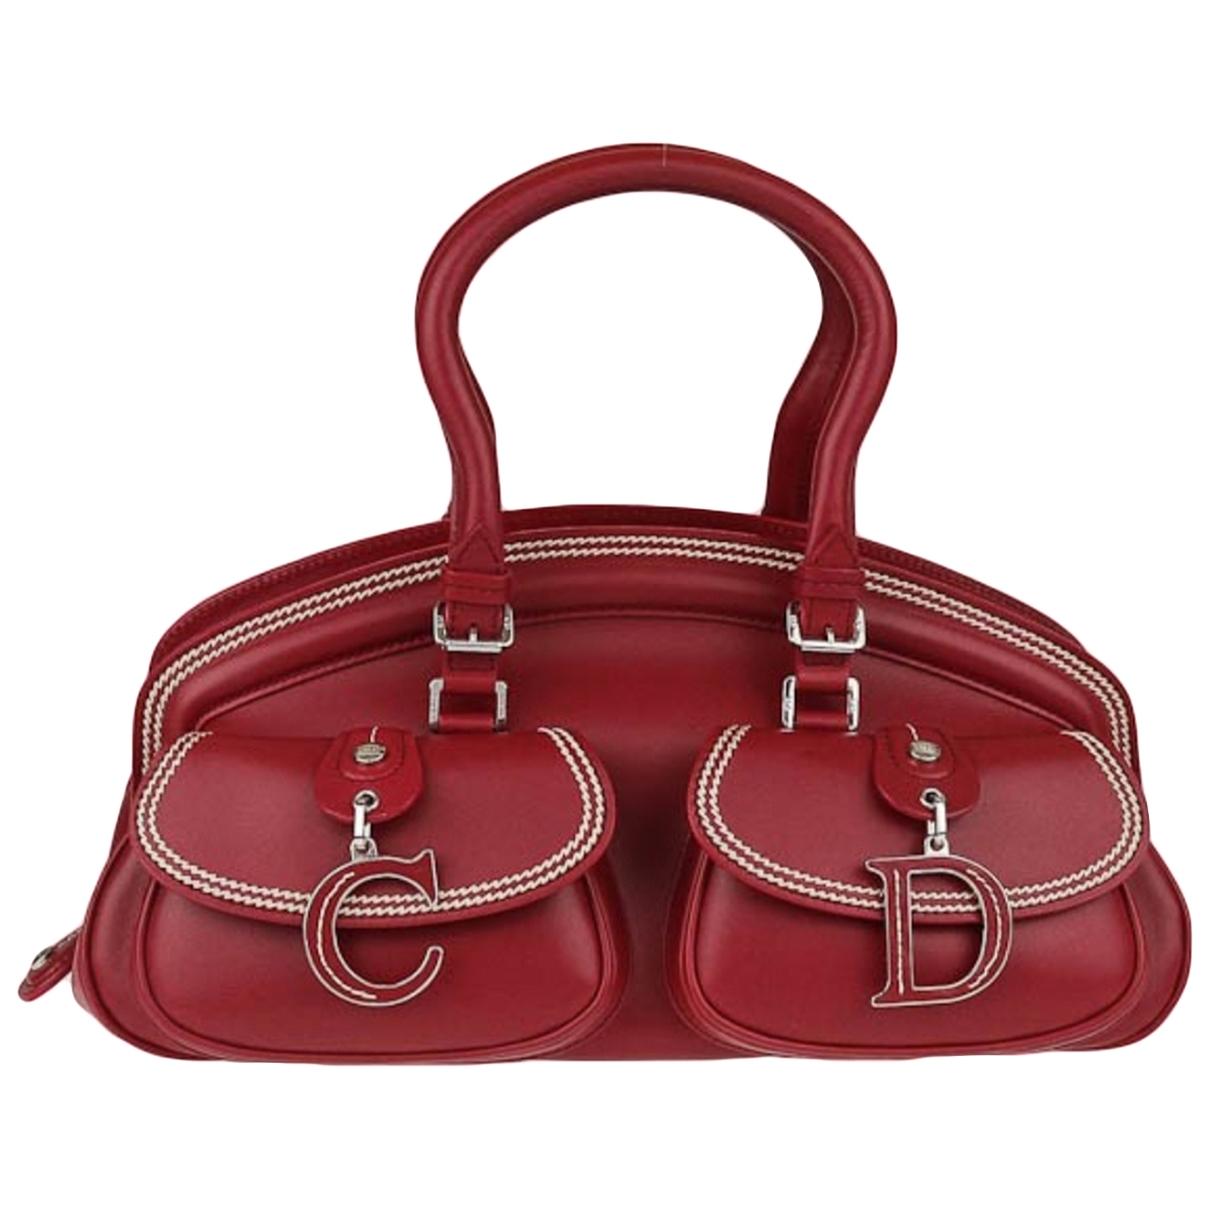 Dior Detective Handtasche in Leder